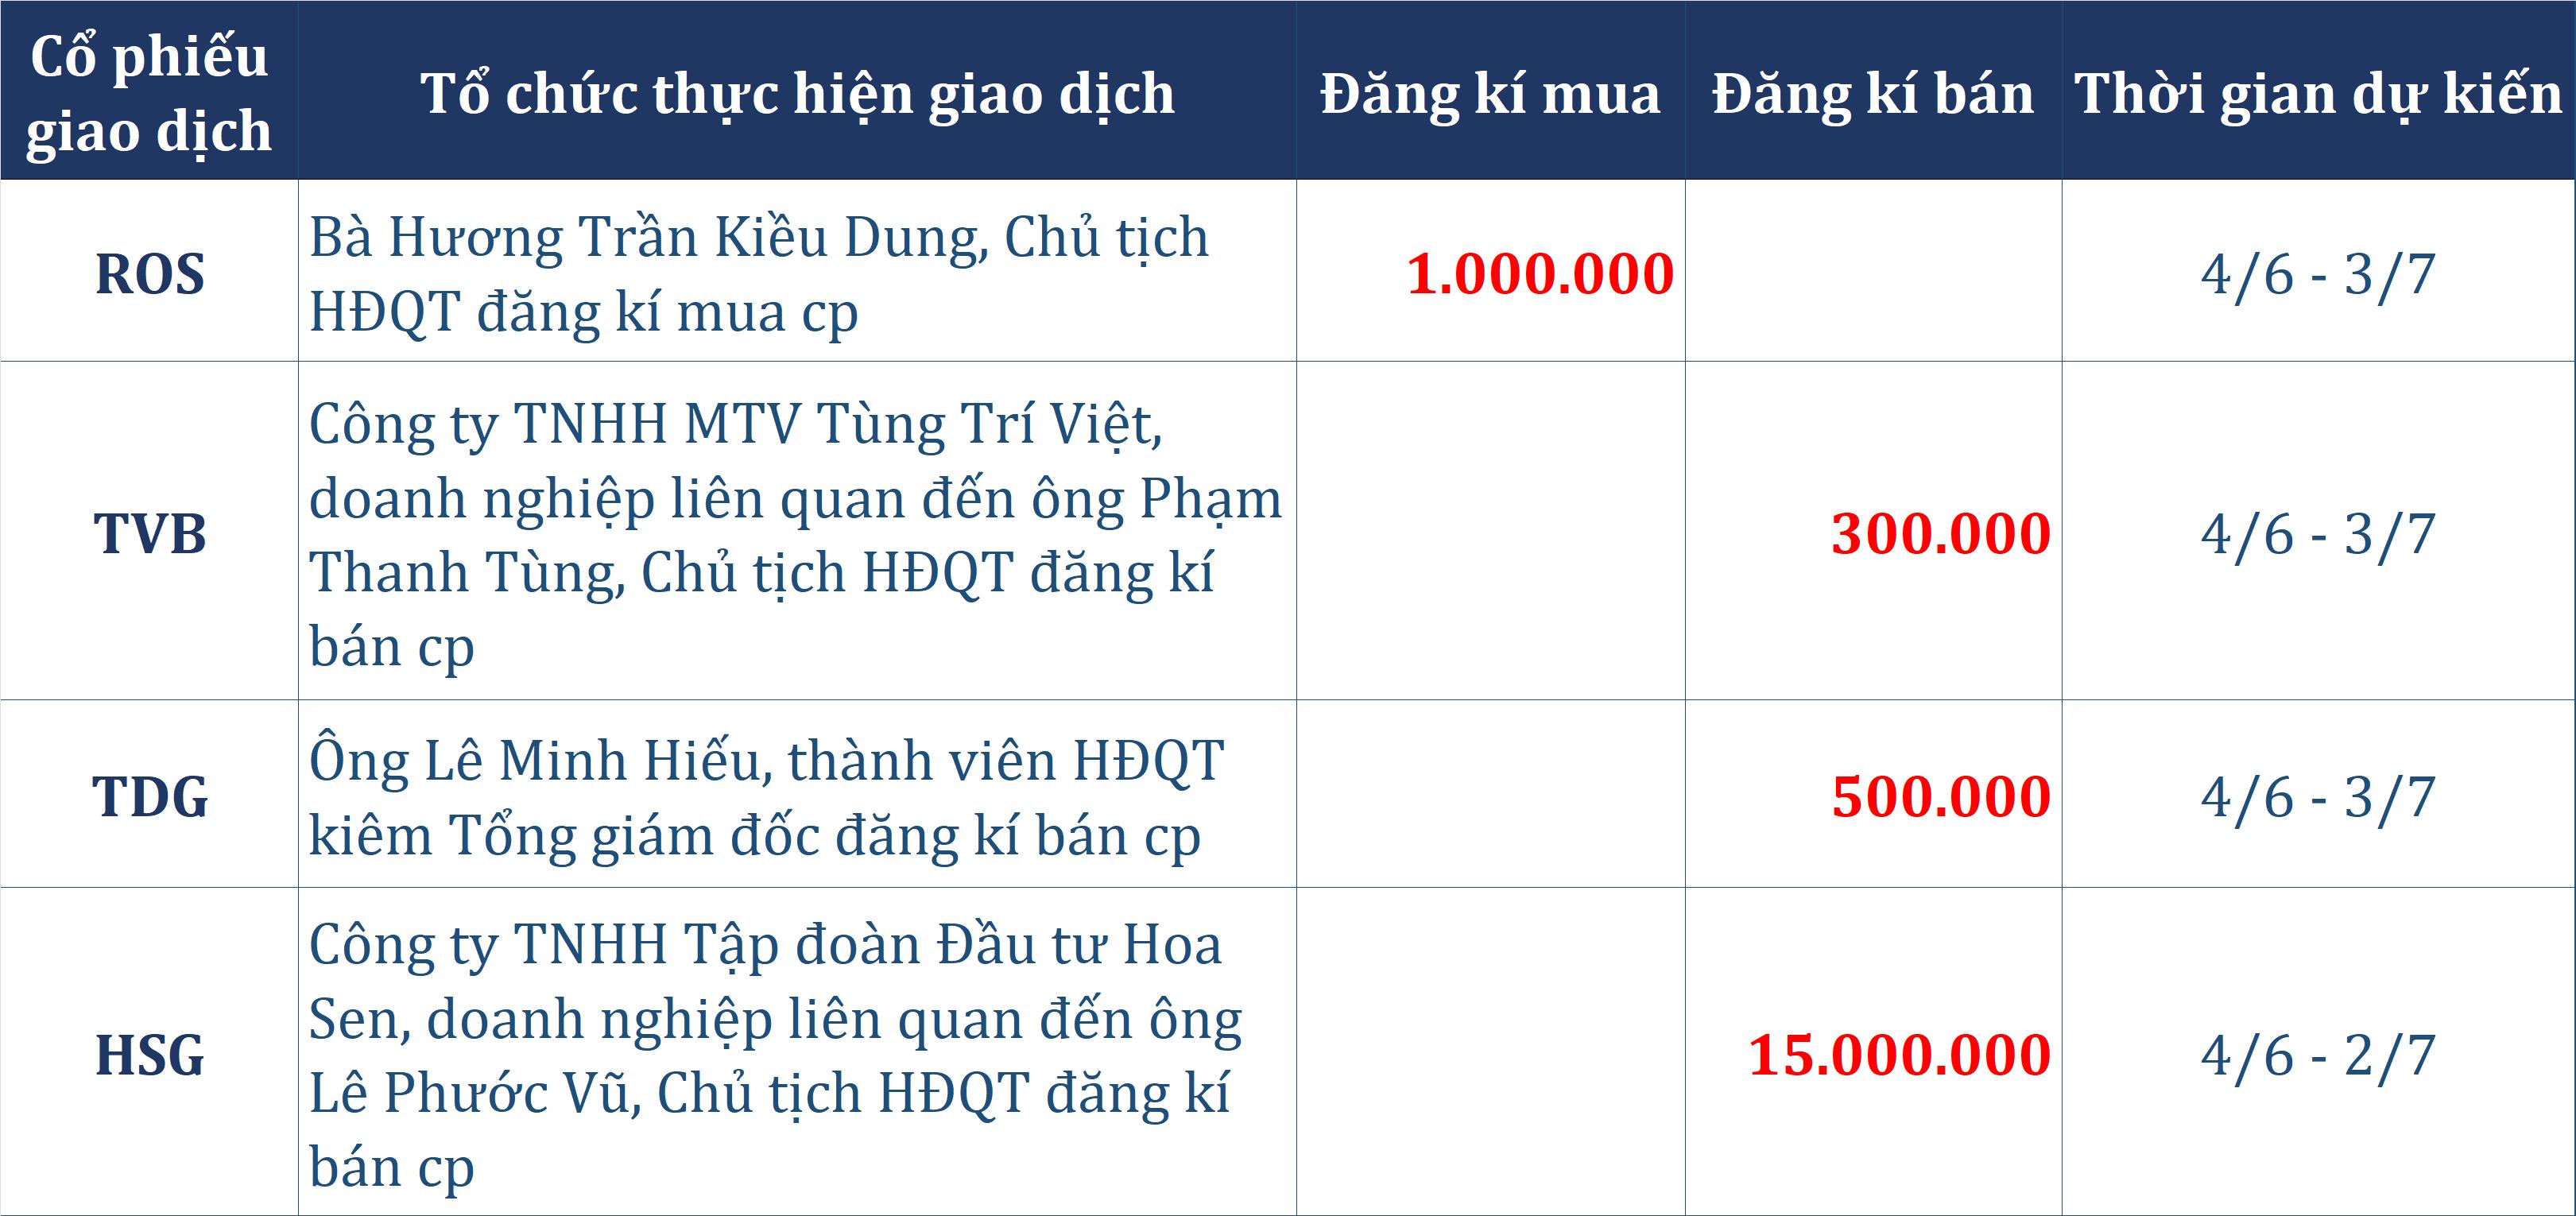 Dòng tiền thông minh 2/6: Tự doanh mua ròng nhẹ phiên tăng điểm, bà Hương Trần Kiều Dung đăng kí mua 1 triệu cp ROS - Ảnh 2.